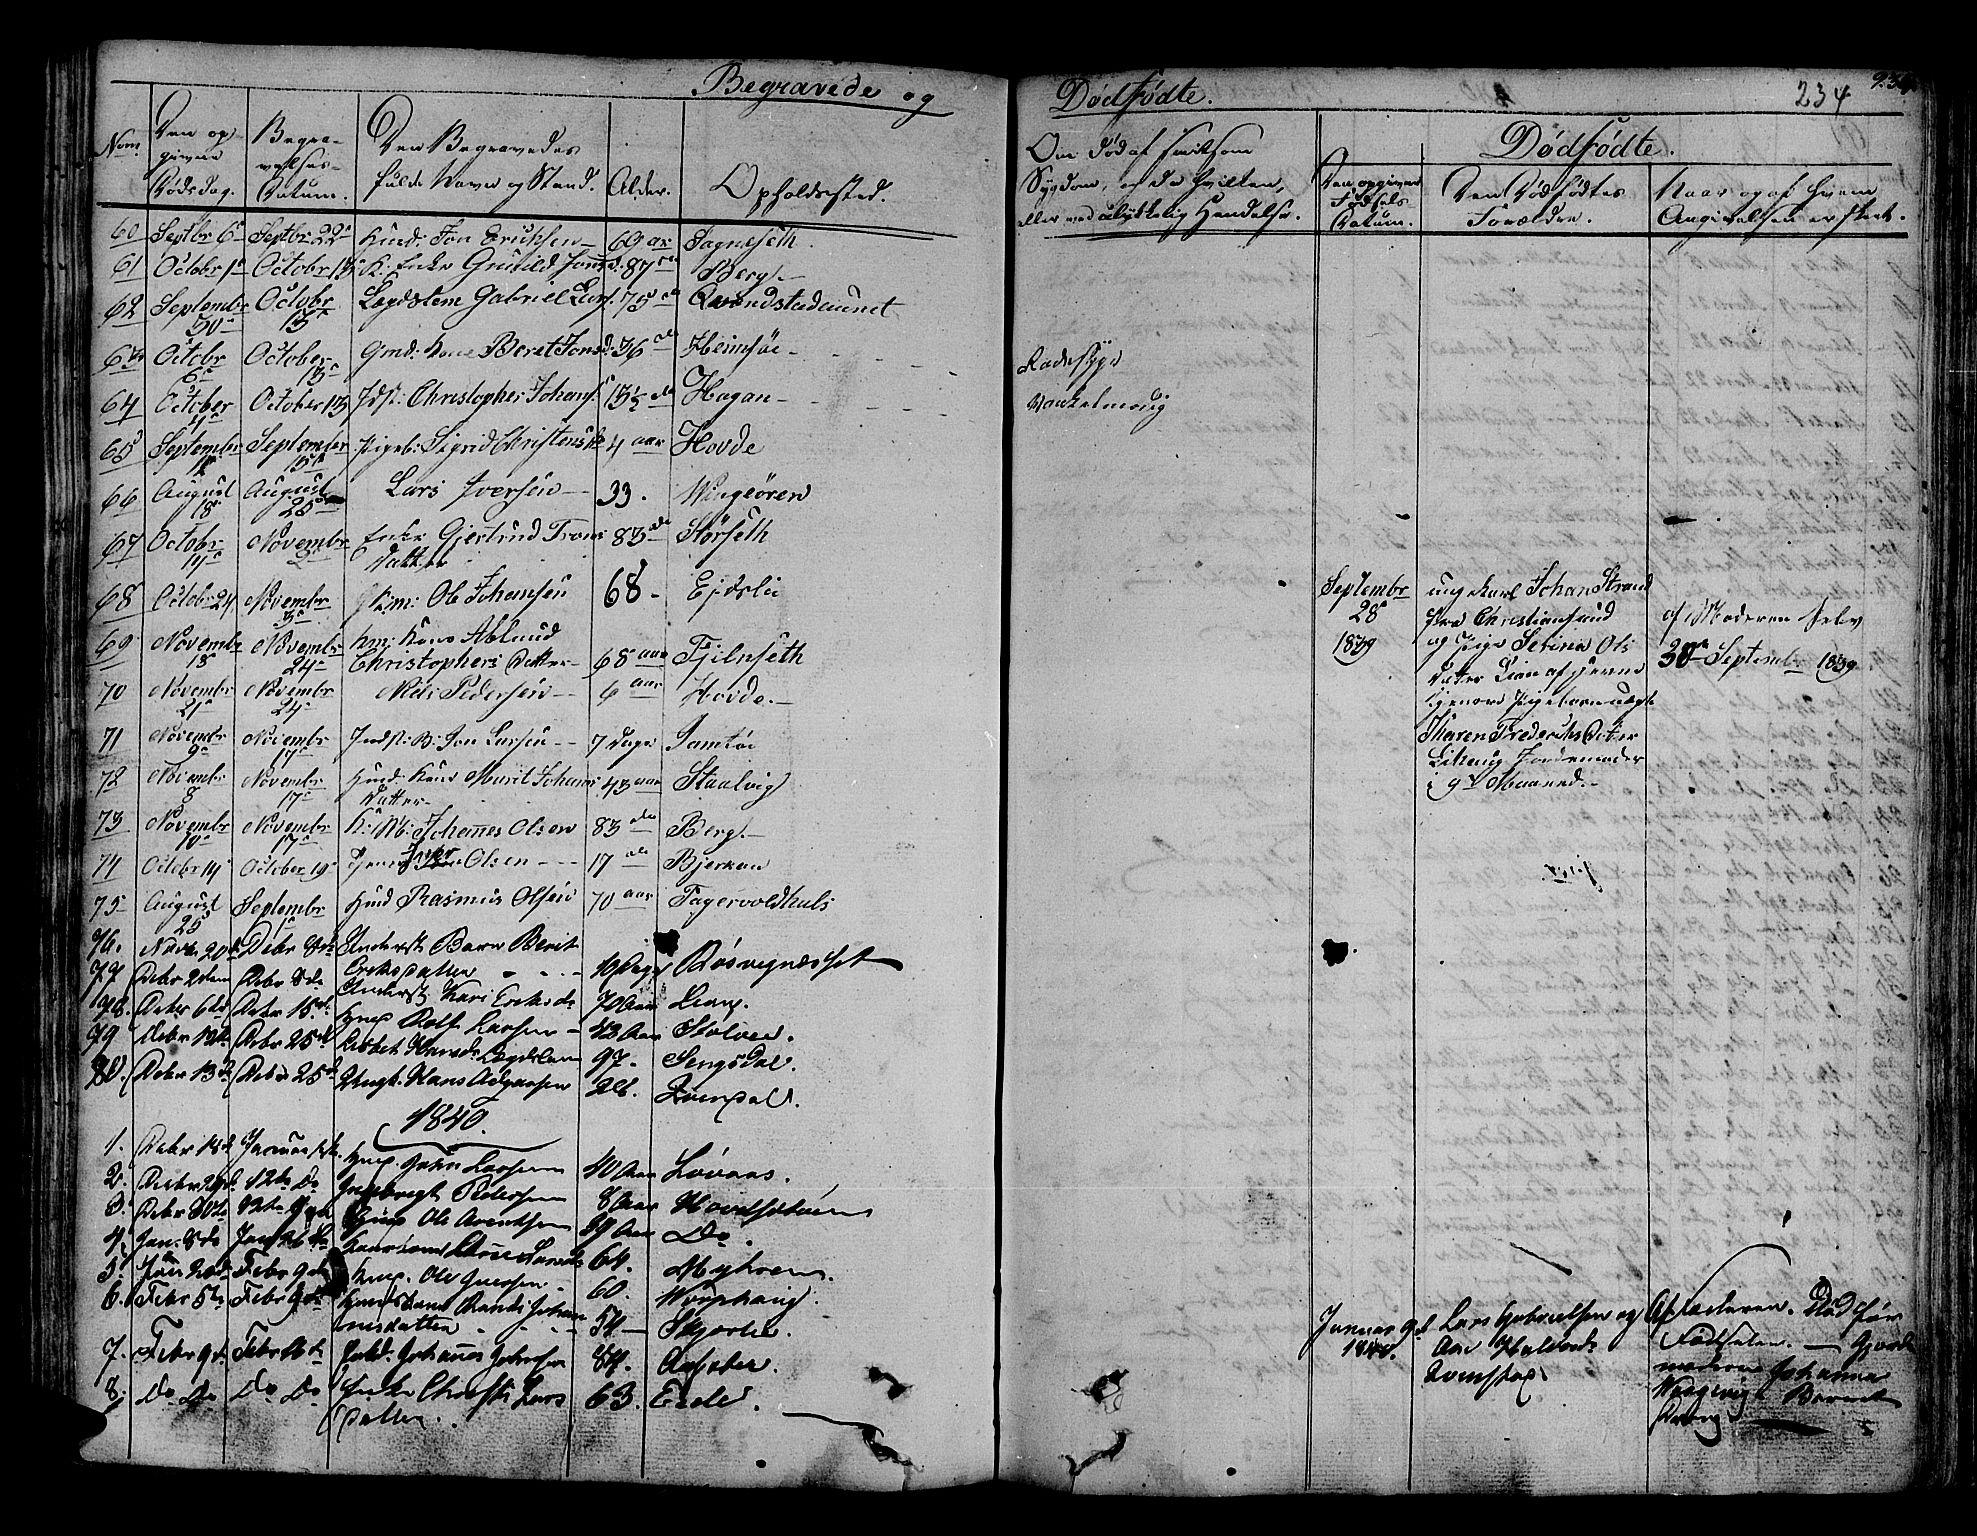 SAT, Ministerialprotokoller, klokkerbøker og fødselsregistre - Sør-Trøndelag, 630/L0492: Ministerialbok nr. 630A05, 1830-1840, s. 234